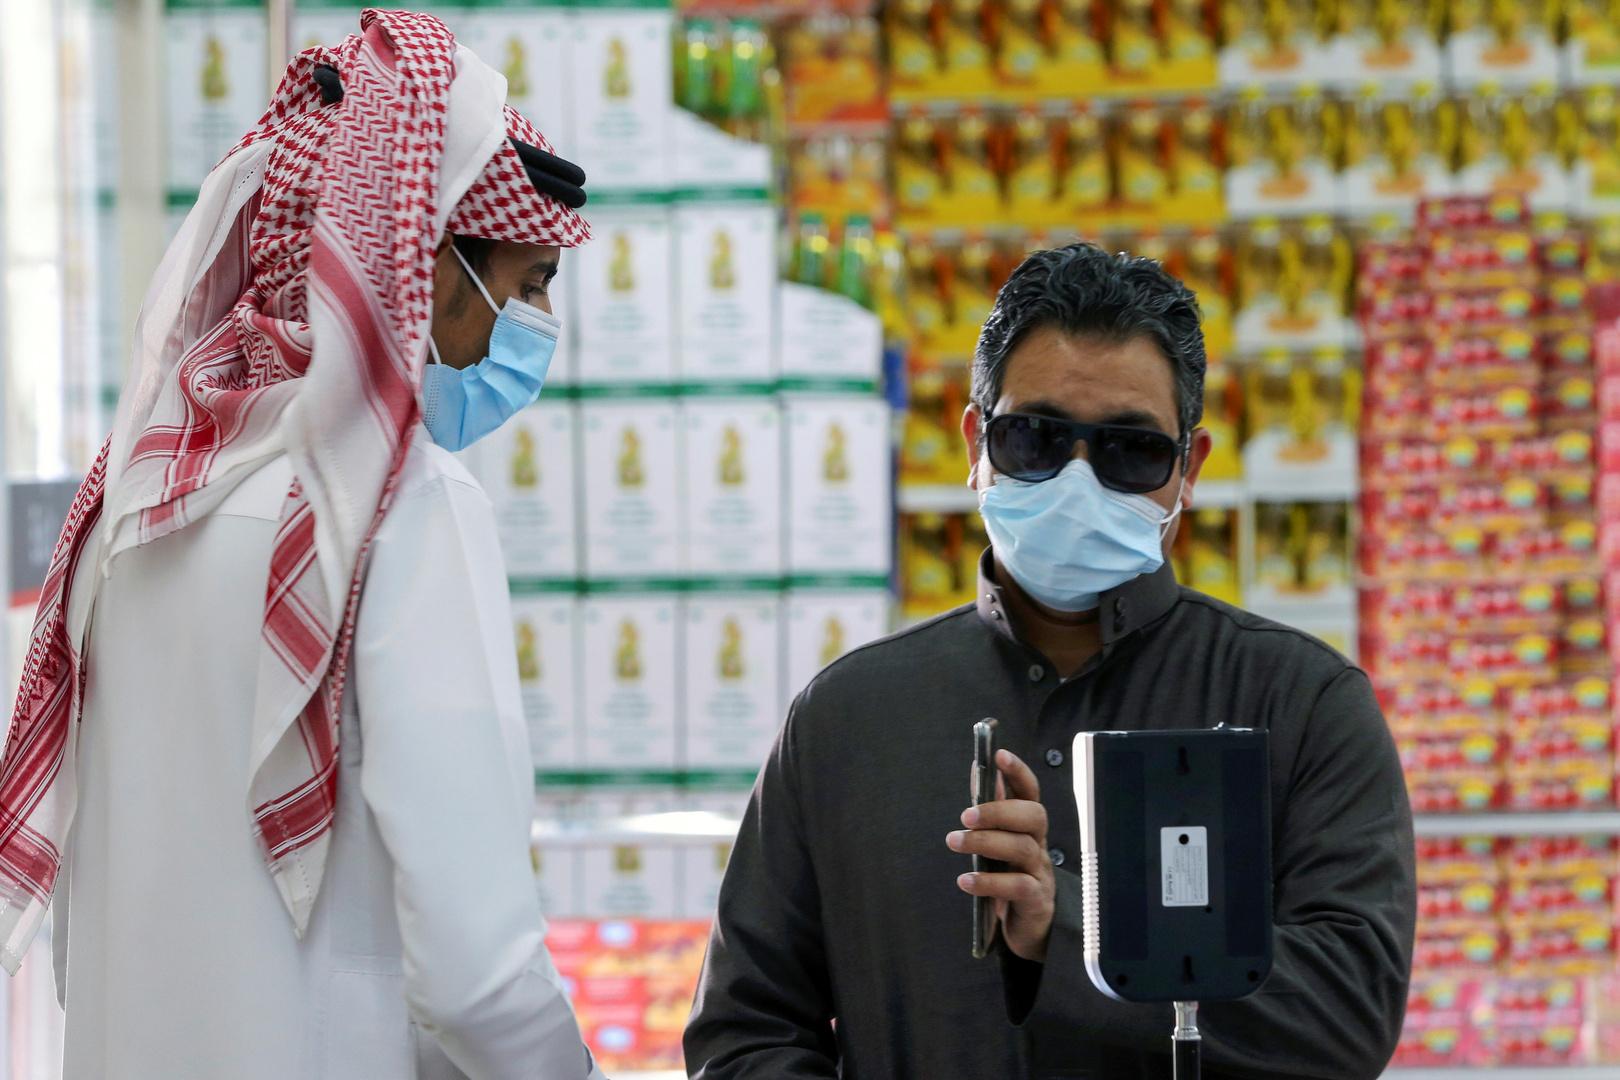 السعودية..بدء سريان اشتراط التحصين المعتمد من وزارة الصحة للدخول إلى المنشآت اعتبارا من 1 أغسطس